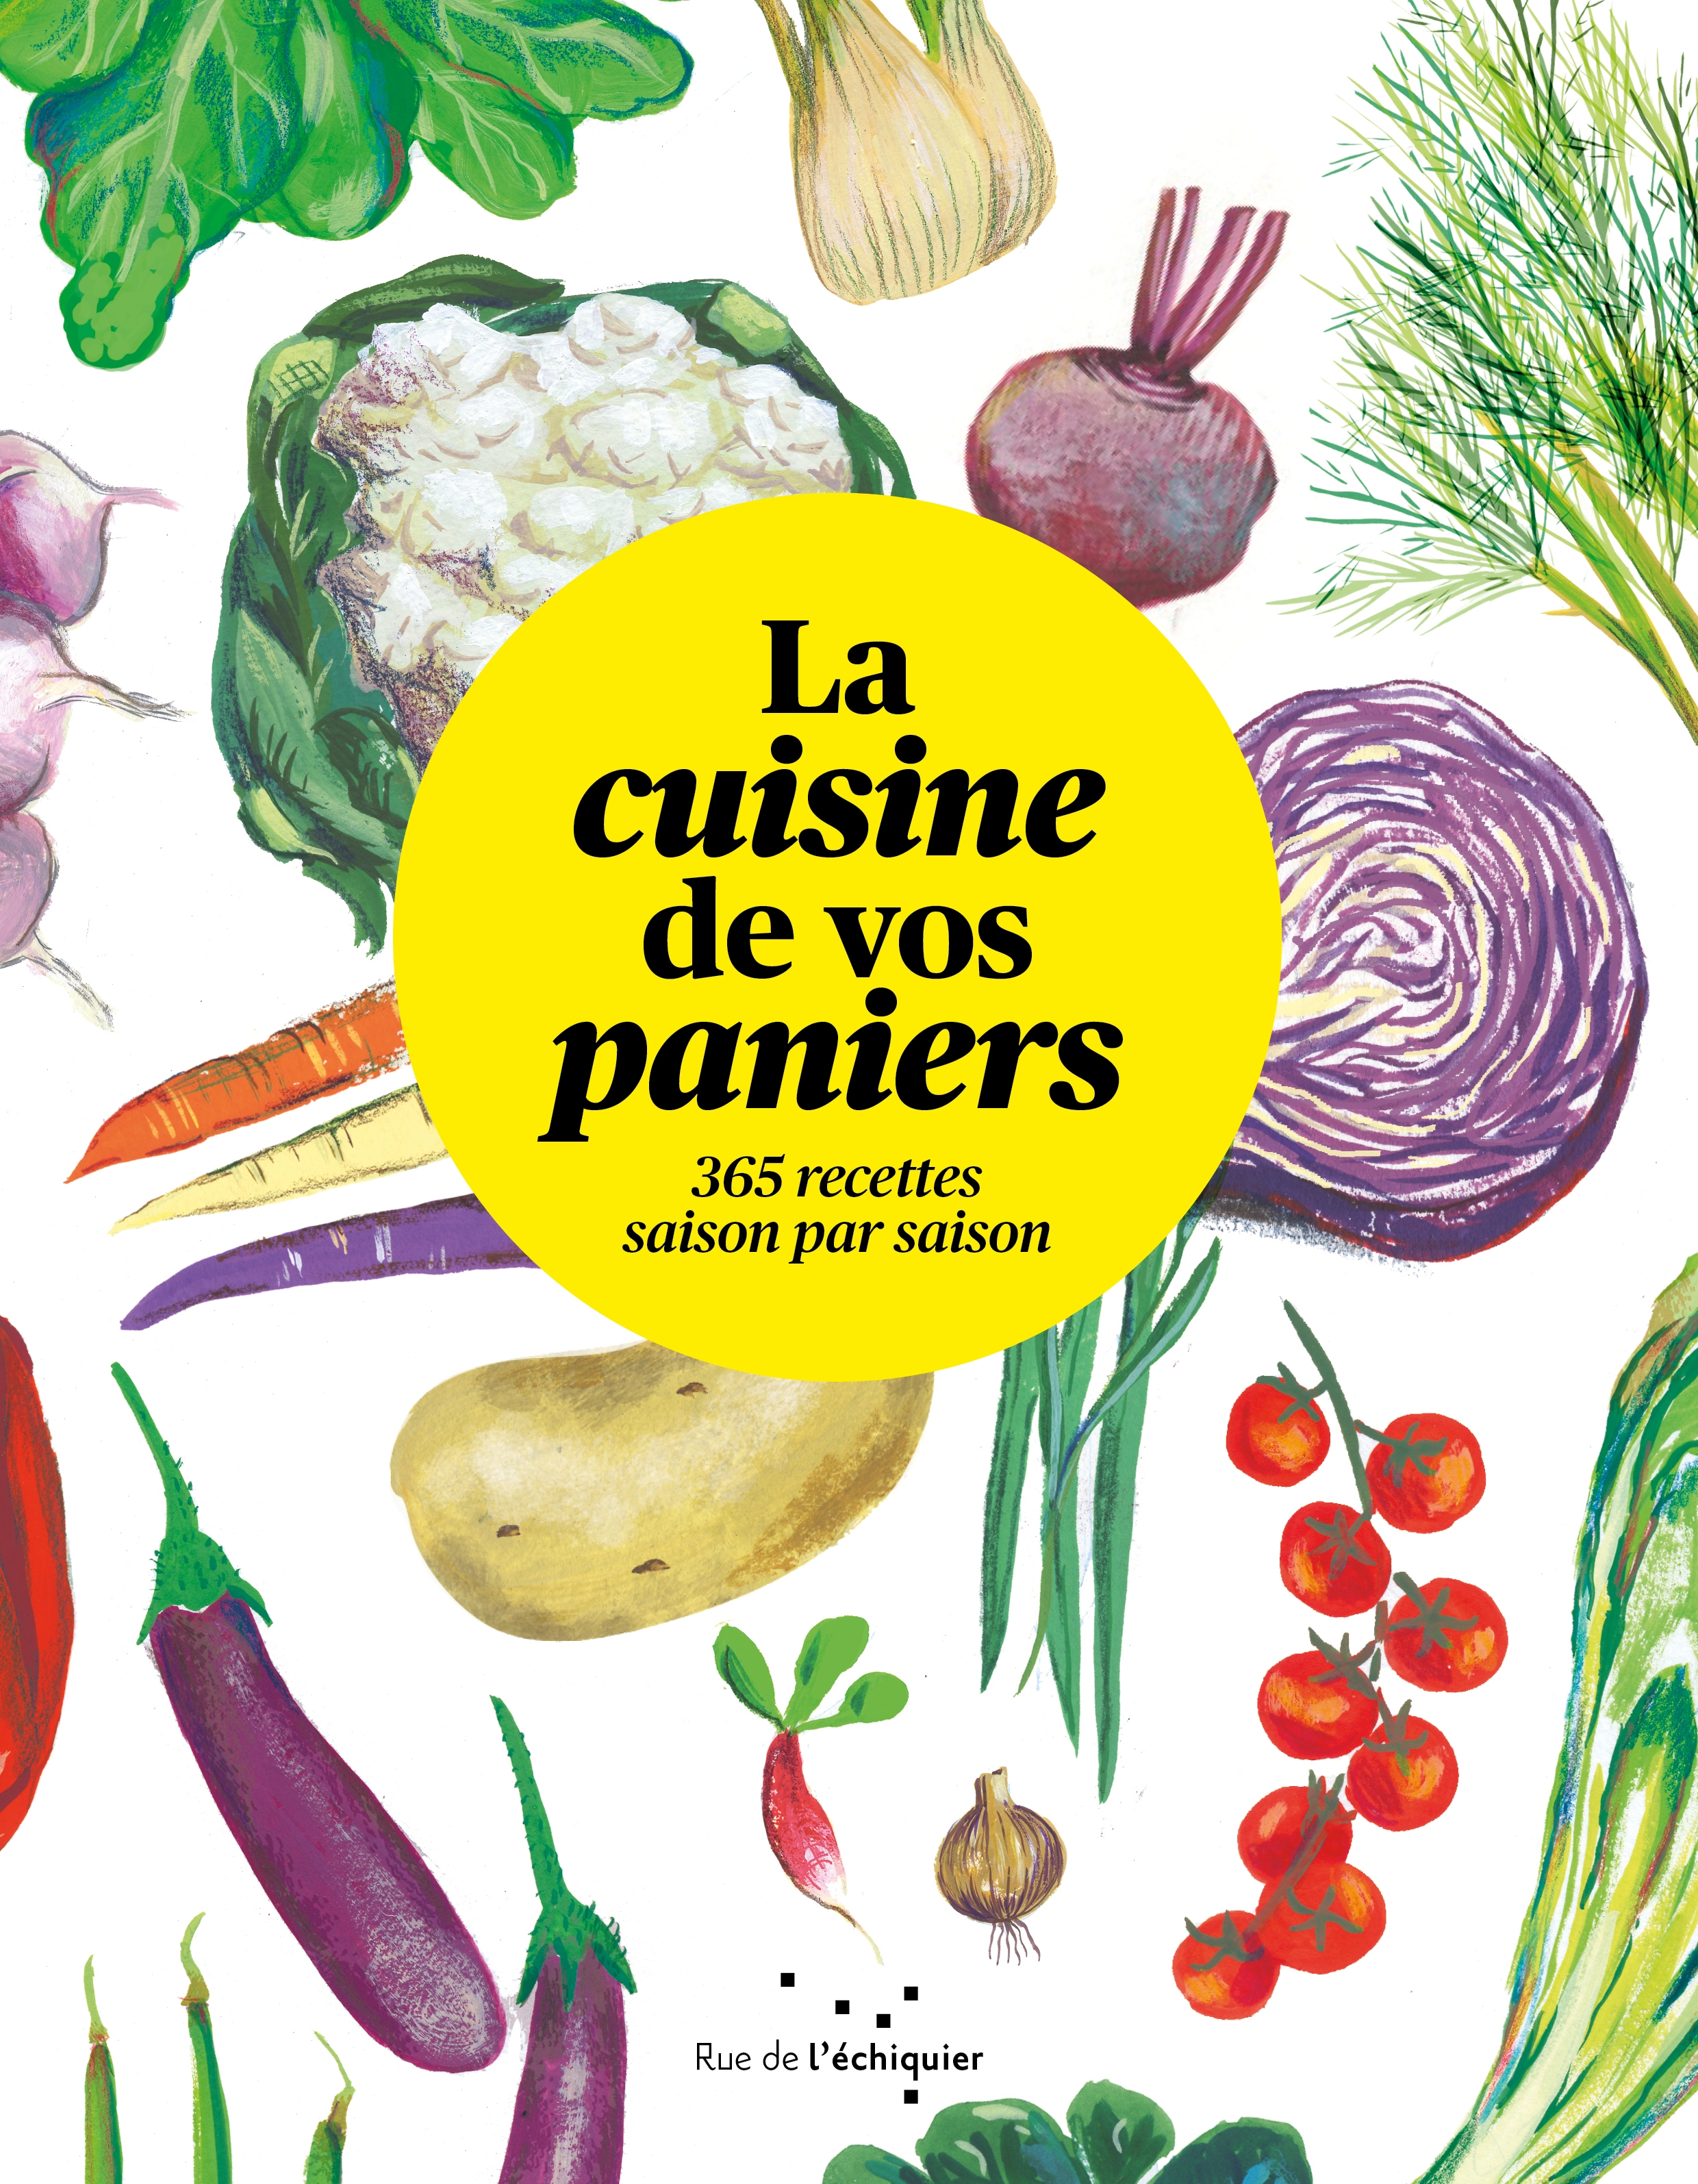 """Résultat de recherche d'images pour """"la cuisine de vos panier par marie delafon"""""""